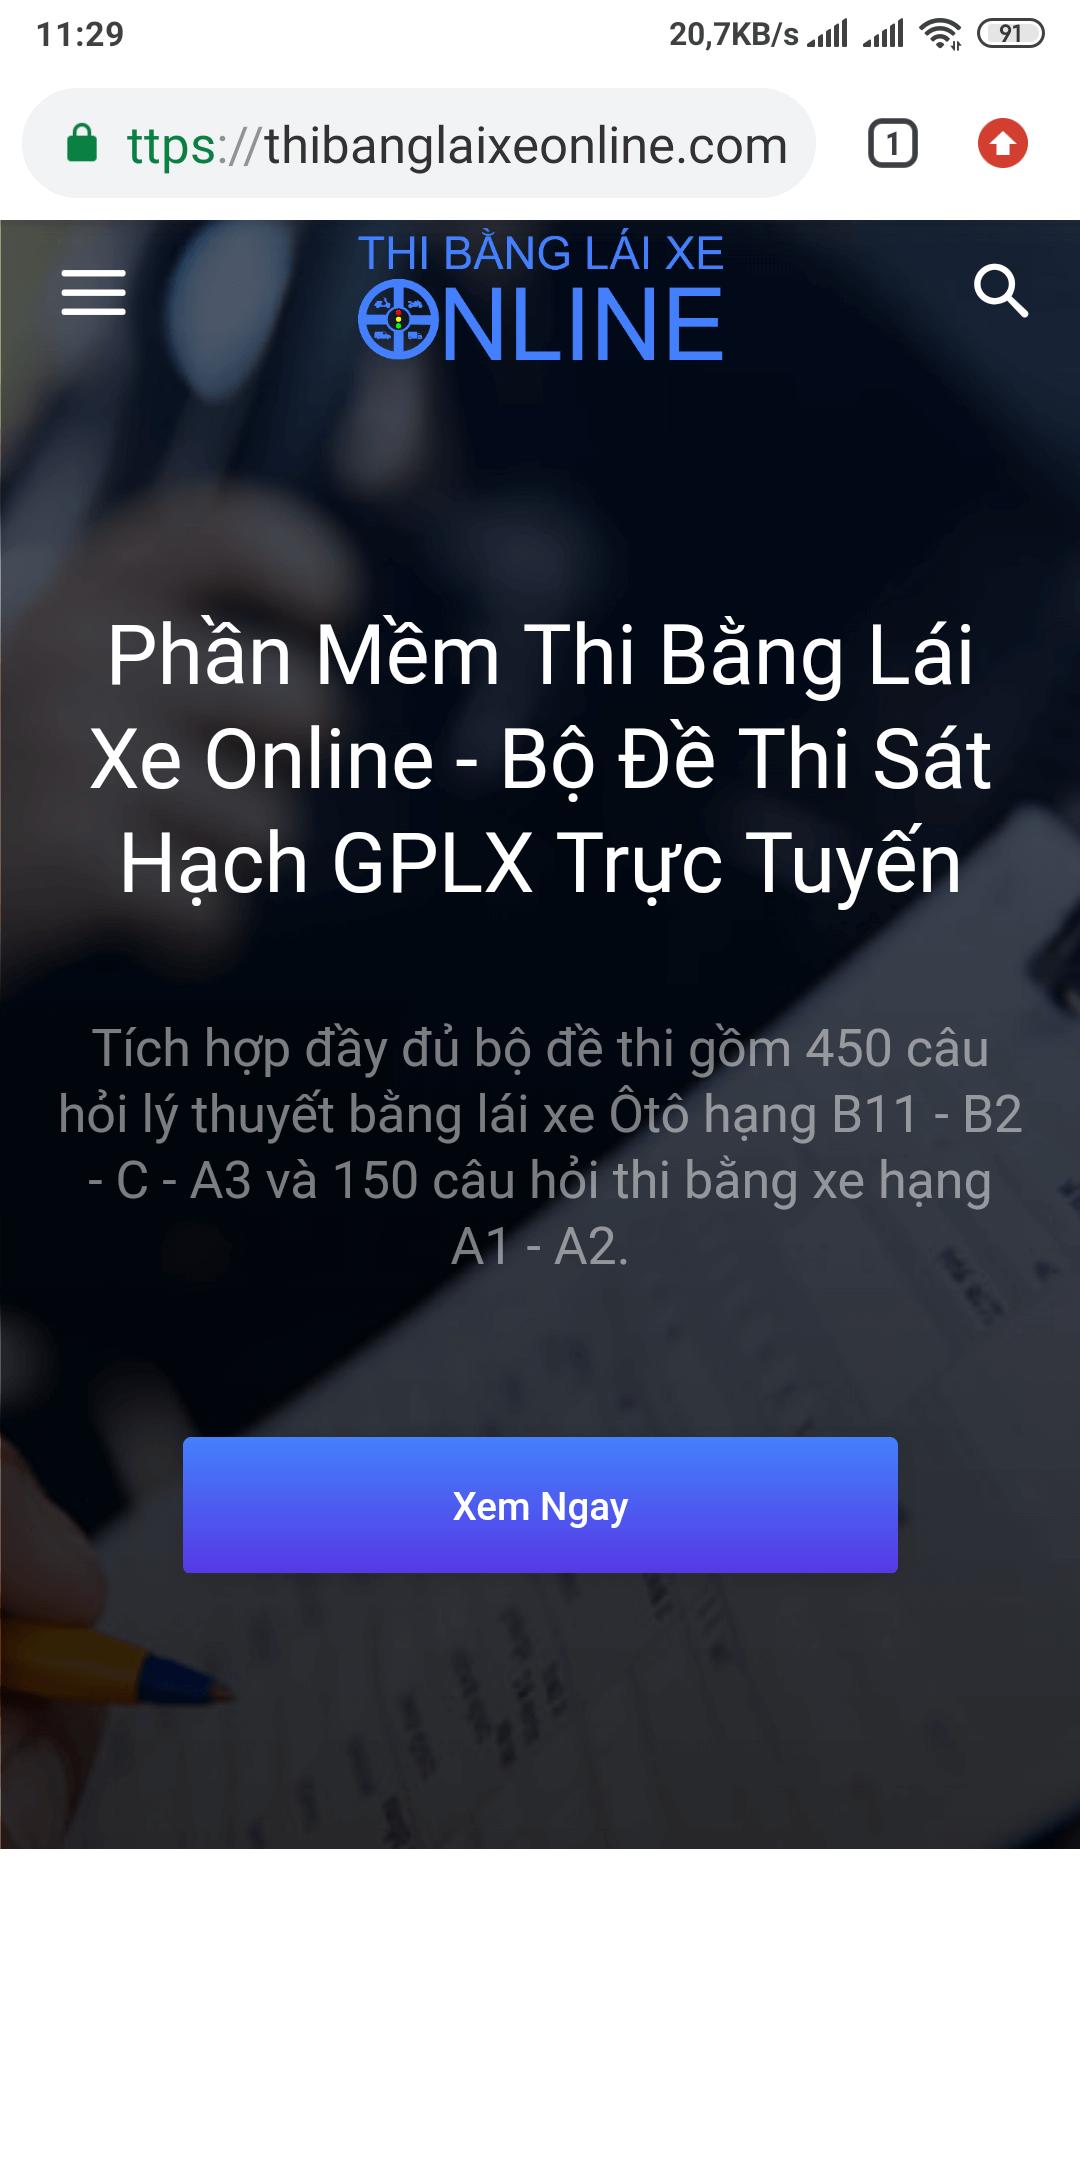 Phần mềm thi bằng lái xe máy Online tốt nhất hiện nay